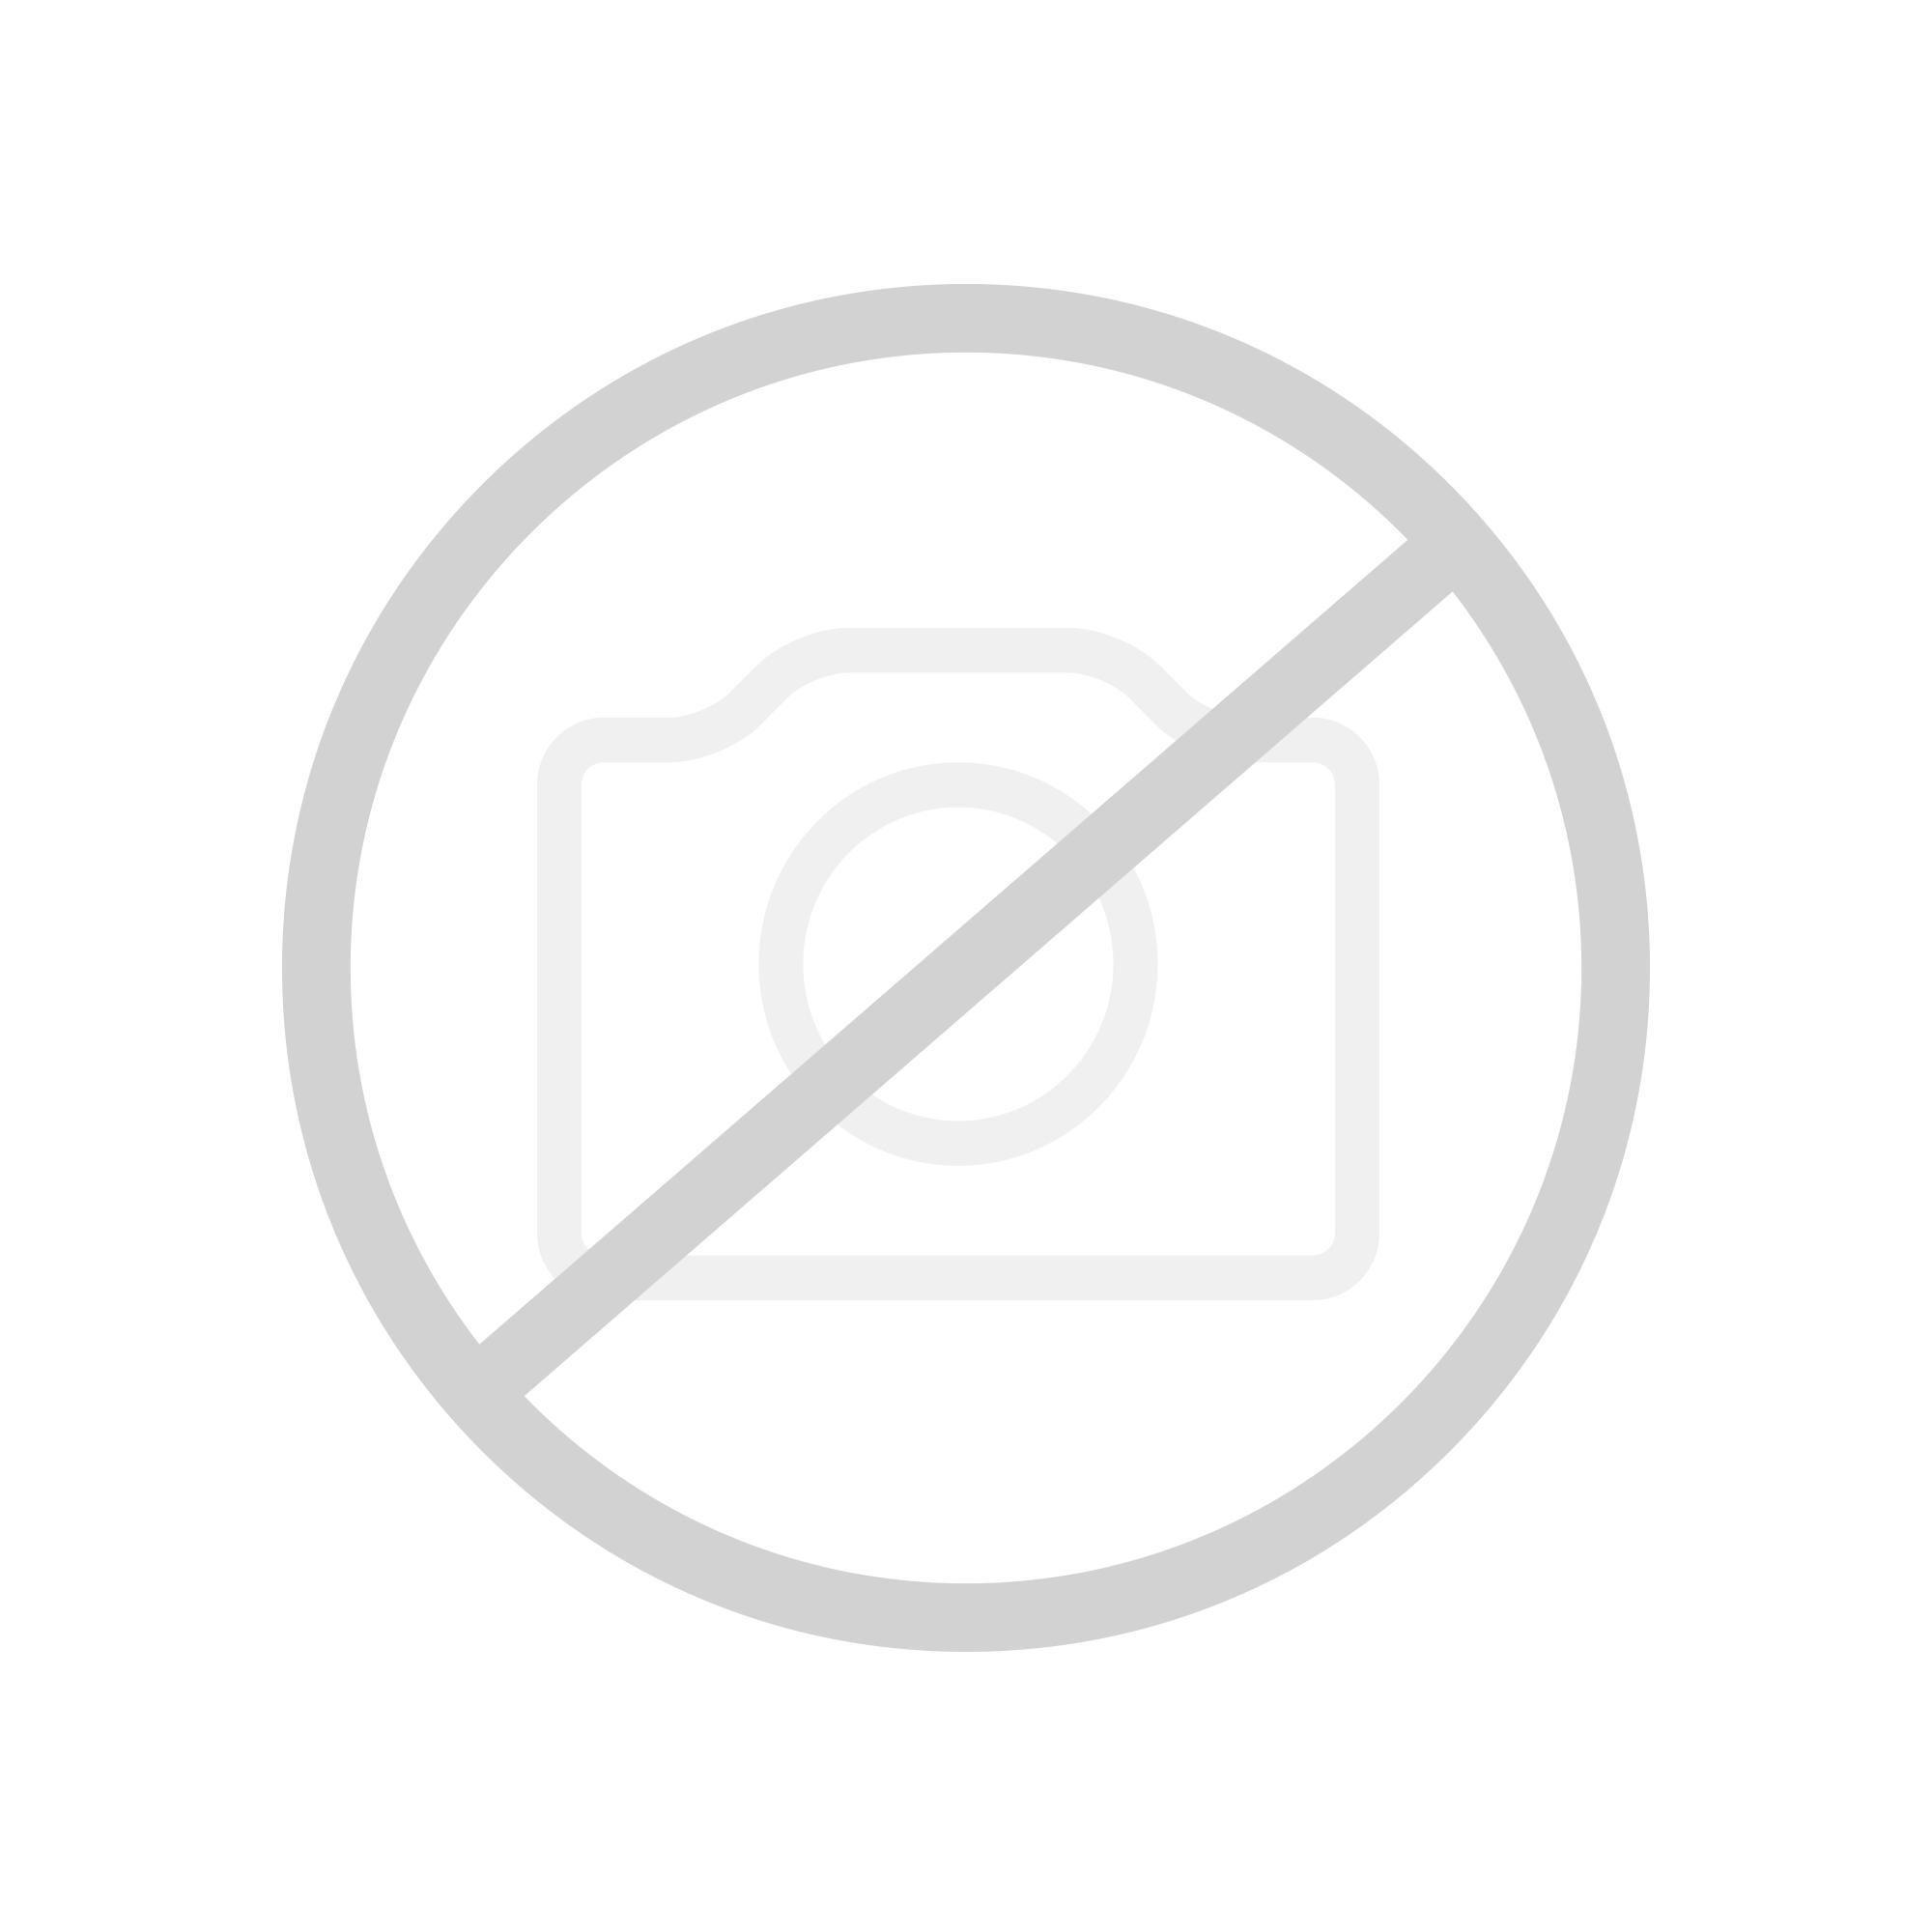 Herzbach NeoCastell Waschtisch-Einlochbatterie ohne Ablaufgarnitur und erhöhter Sockel